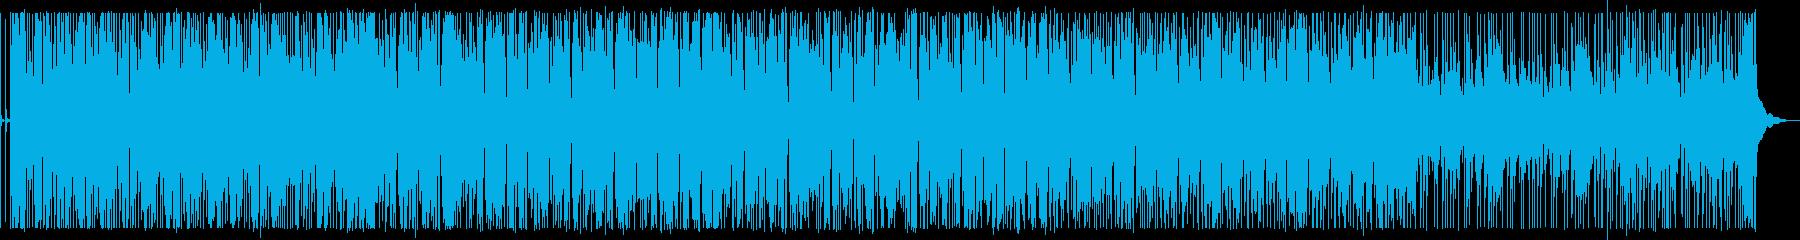 管楽器とギターが軽快なファンクの再生済みの波形